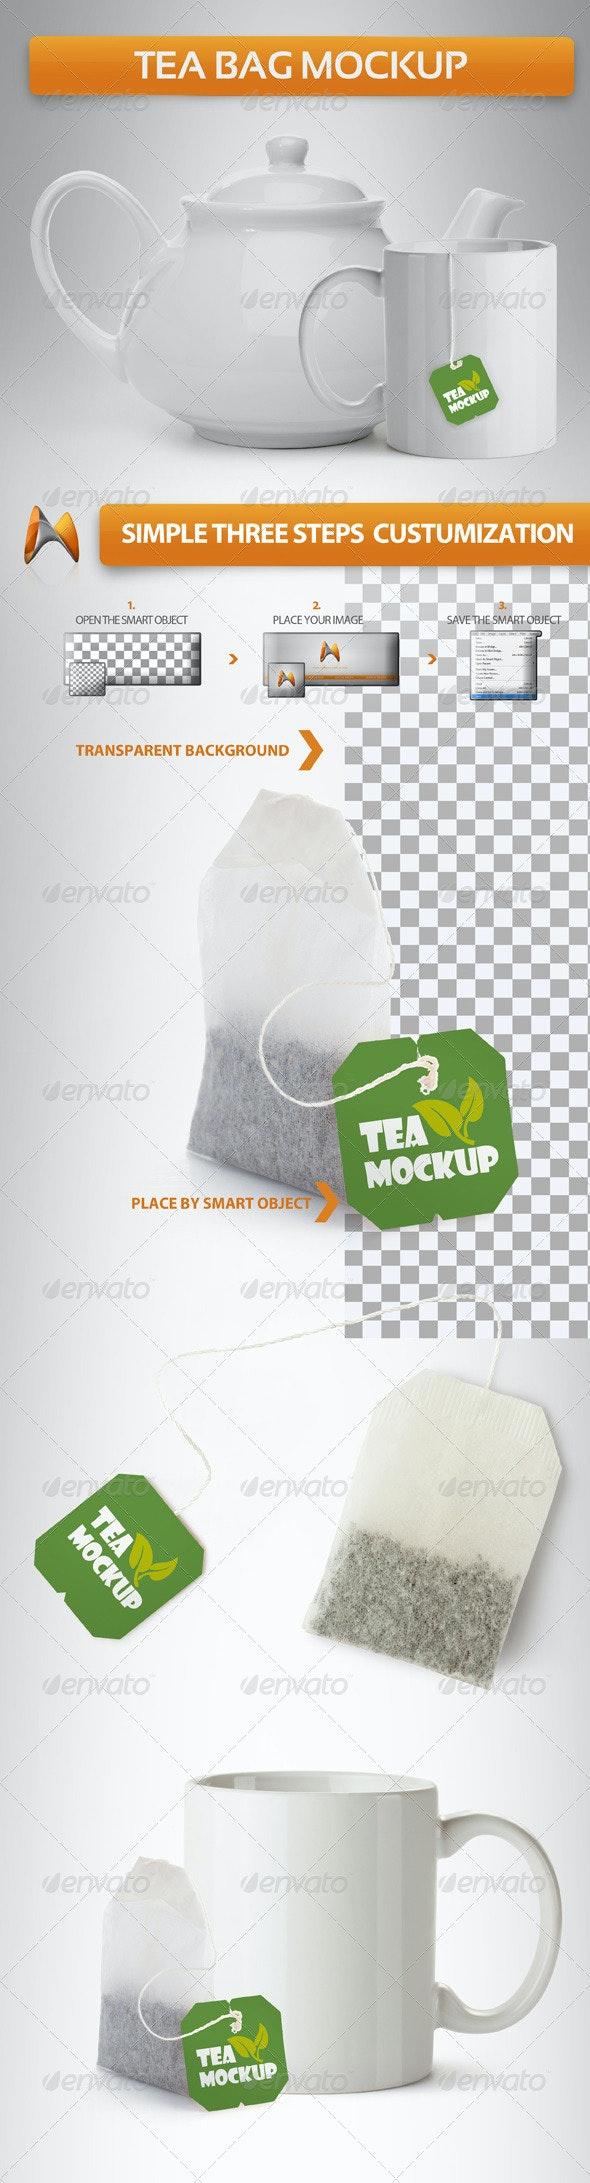 Tea Bag Mockup - Food and Drink Packaging